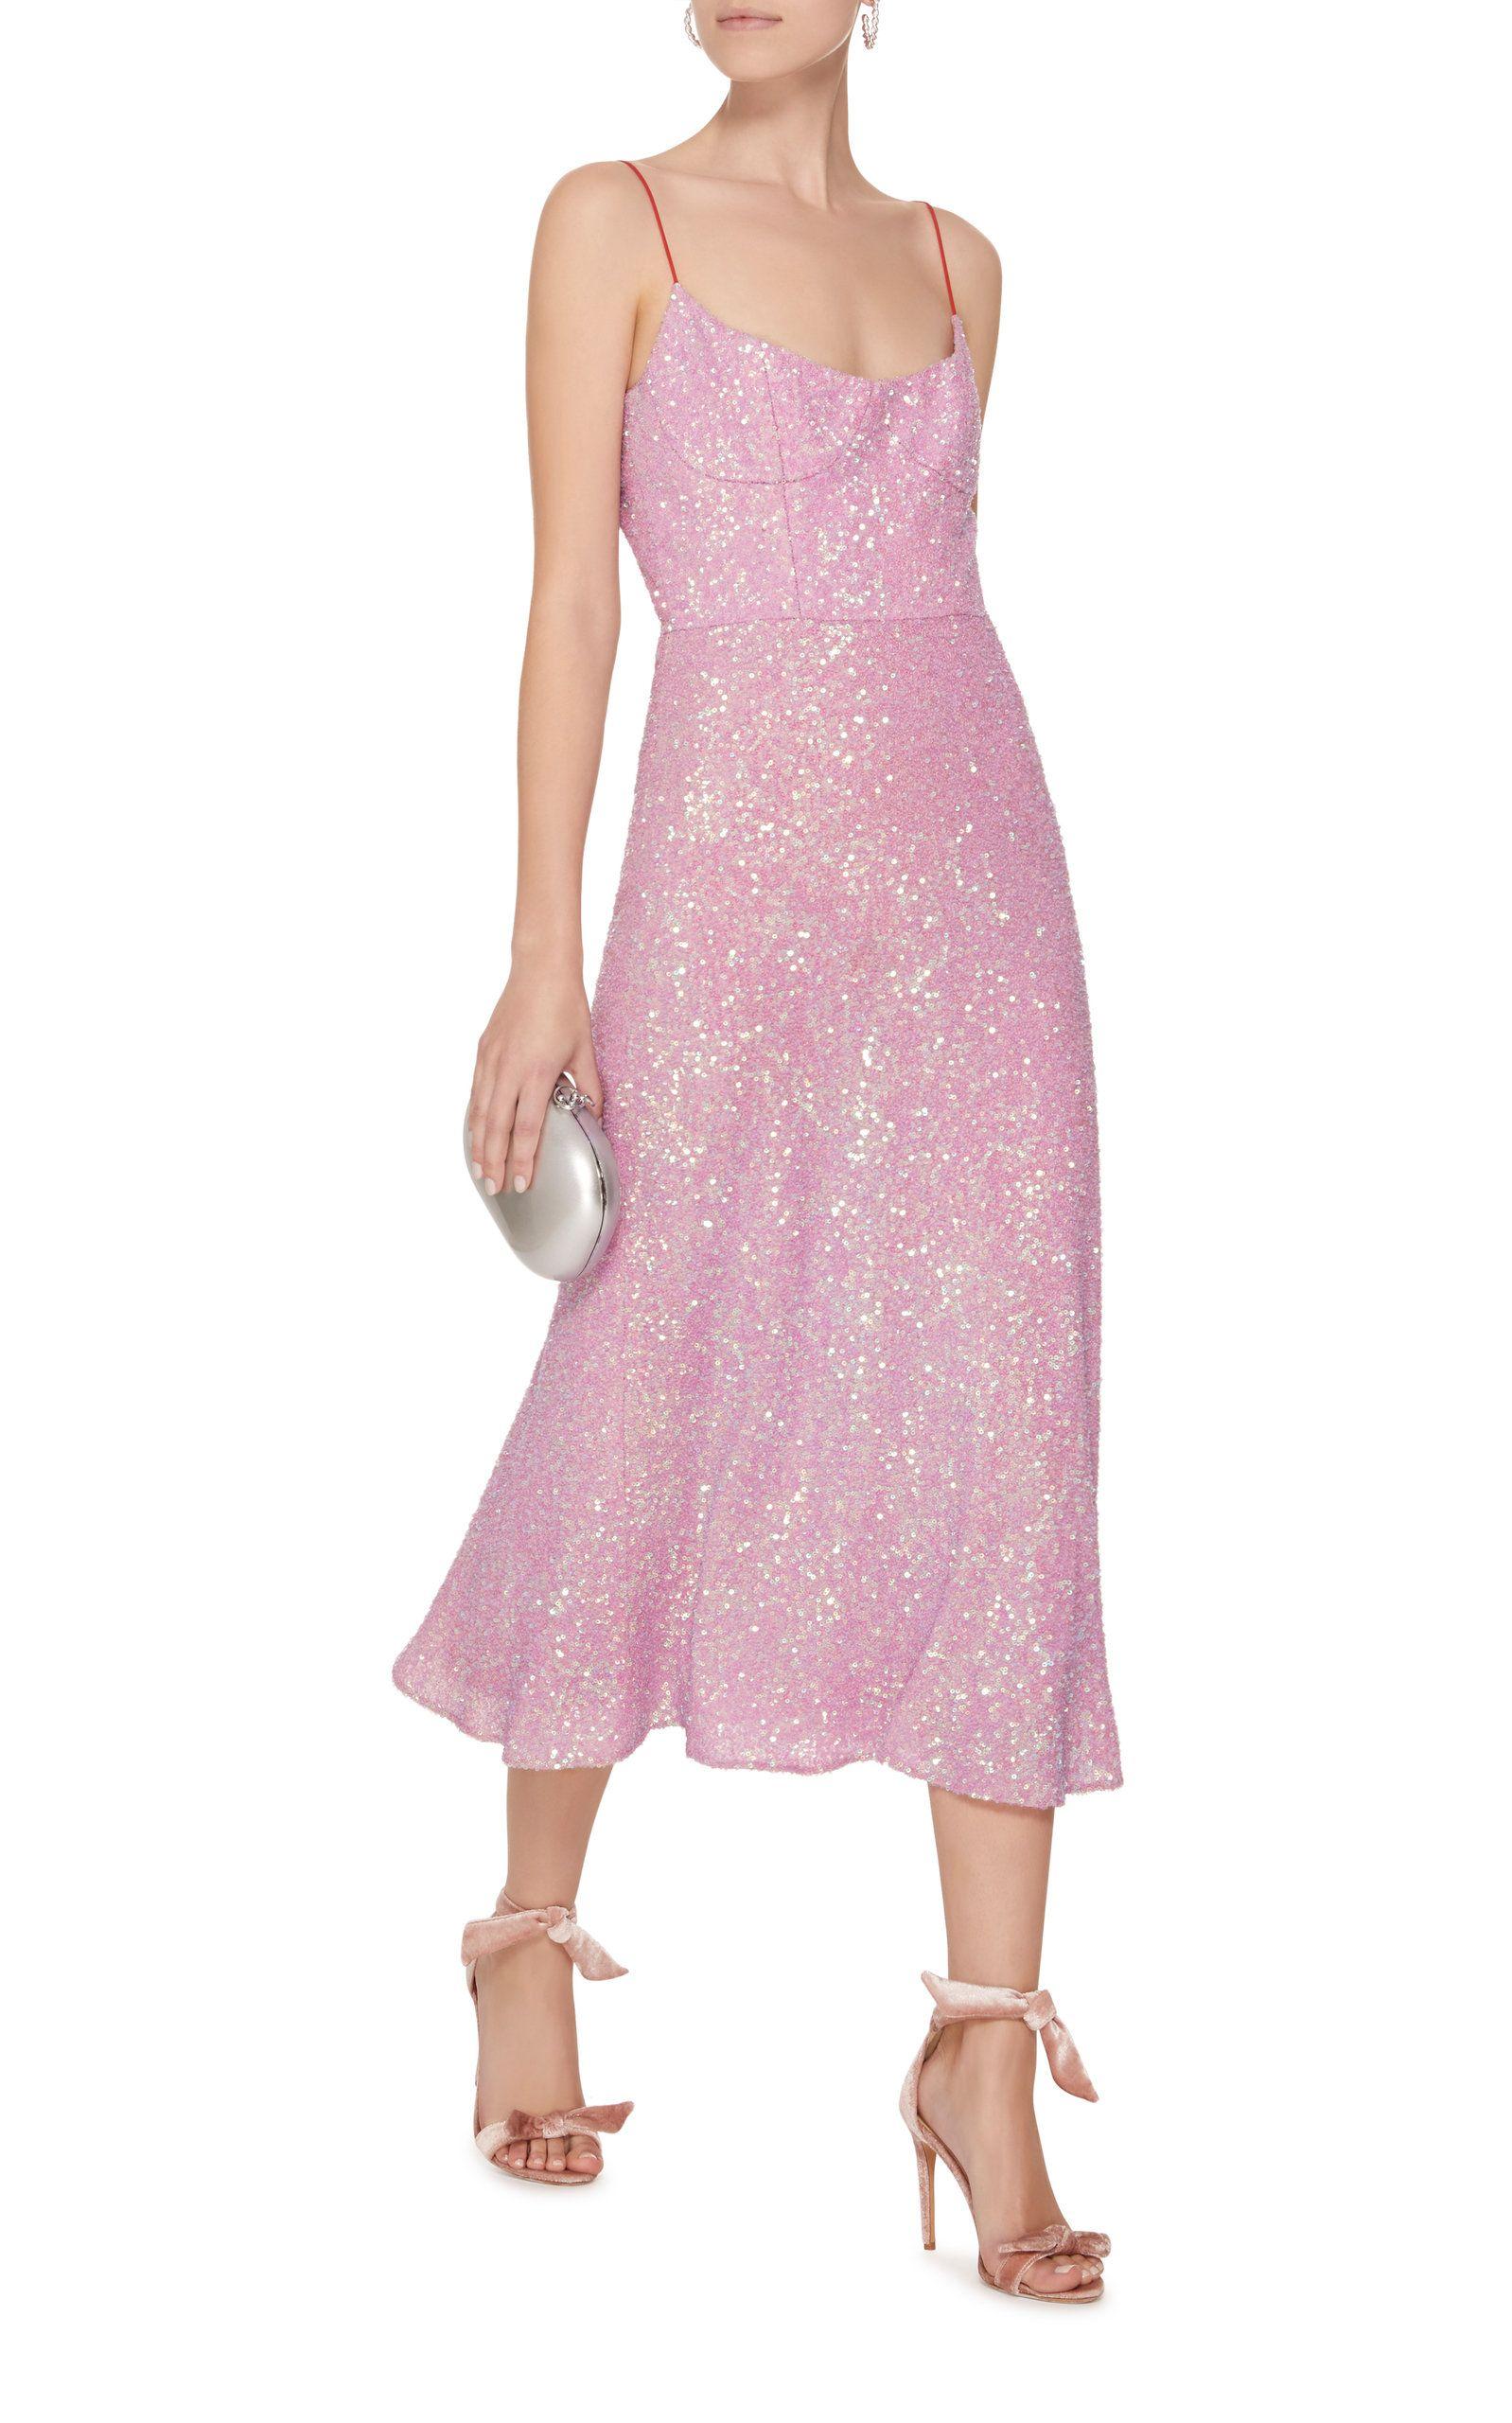 ccb858e57e5 Exclusive Heart Of Glass Sequin Silk Midi Dress in 2019